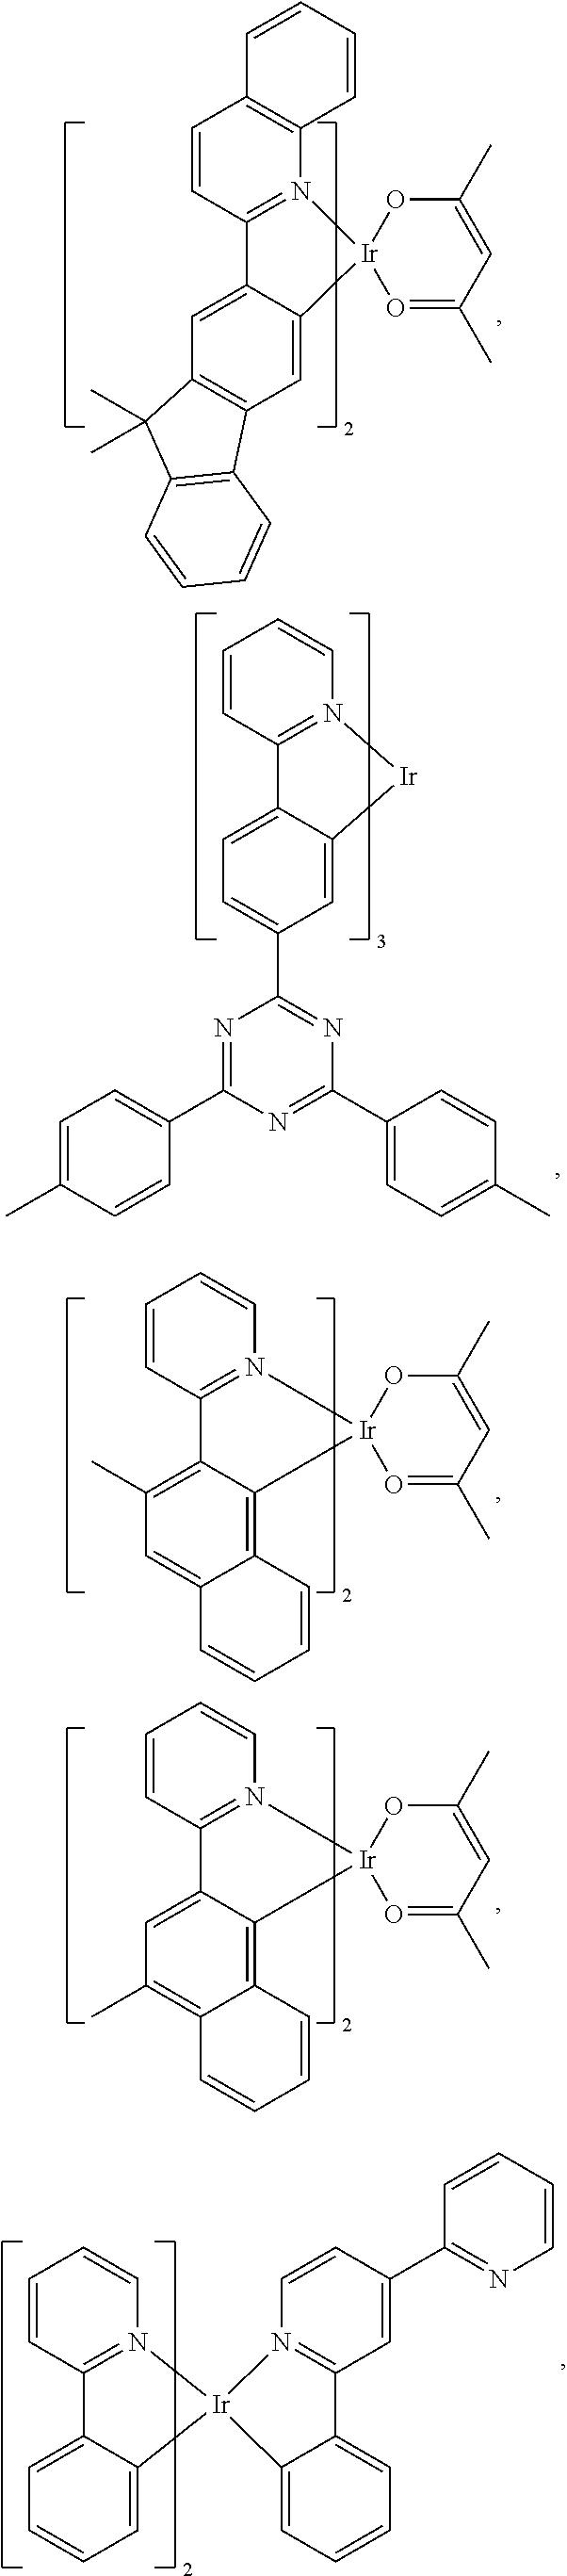 Figure US20180130962A1-20180510-C00187